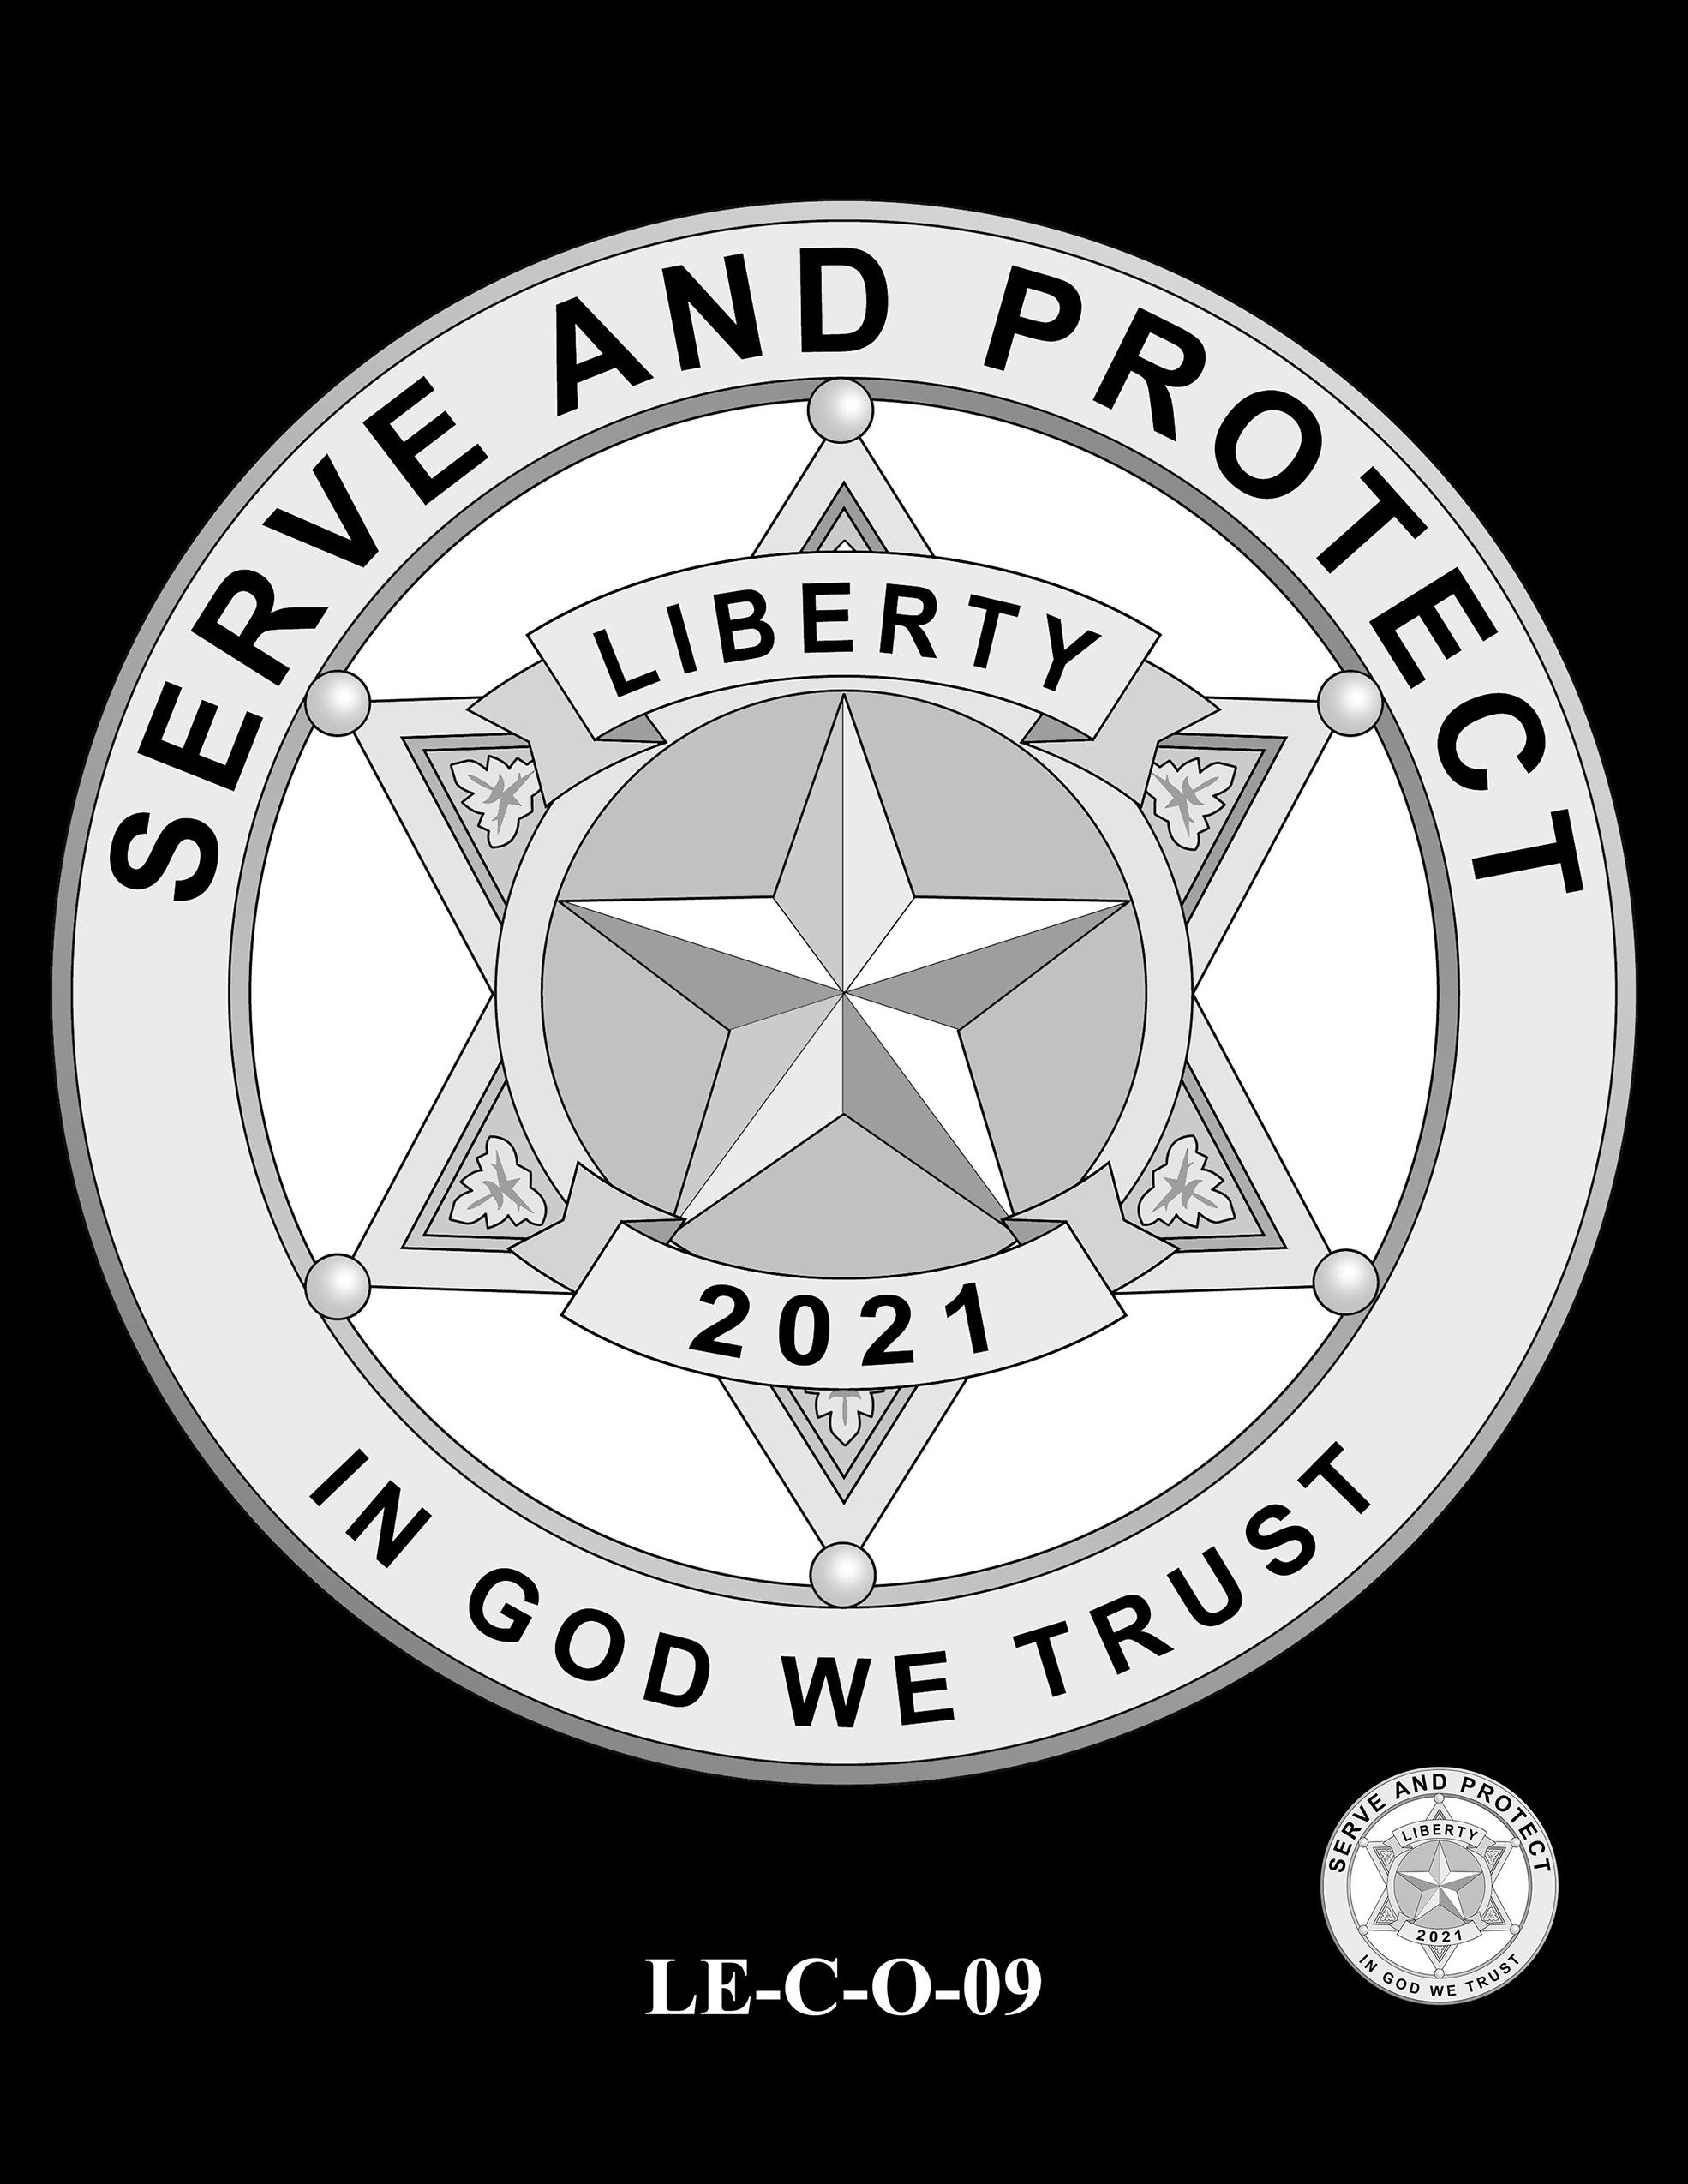 LE-C-O-09 -- National Law Enforcement Museum Commemorative Coin Program